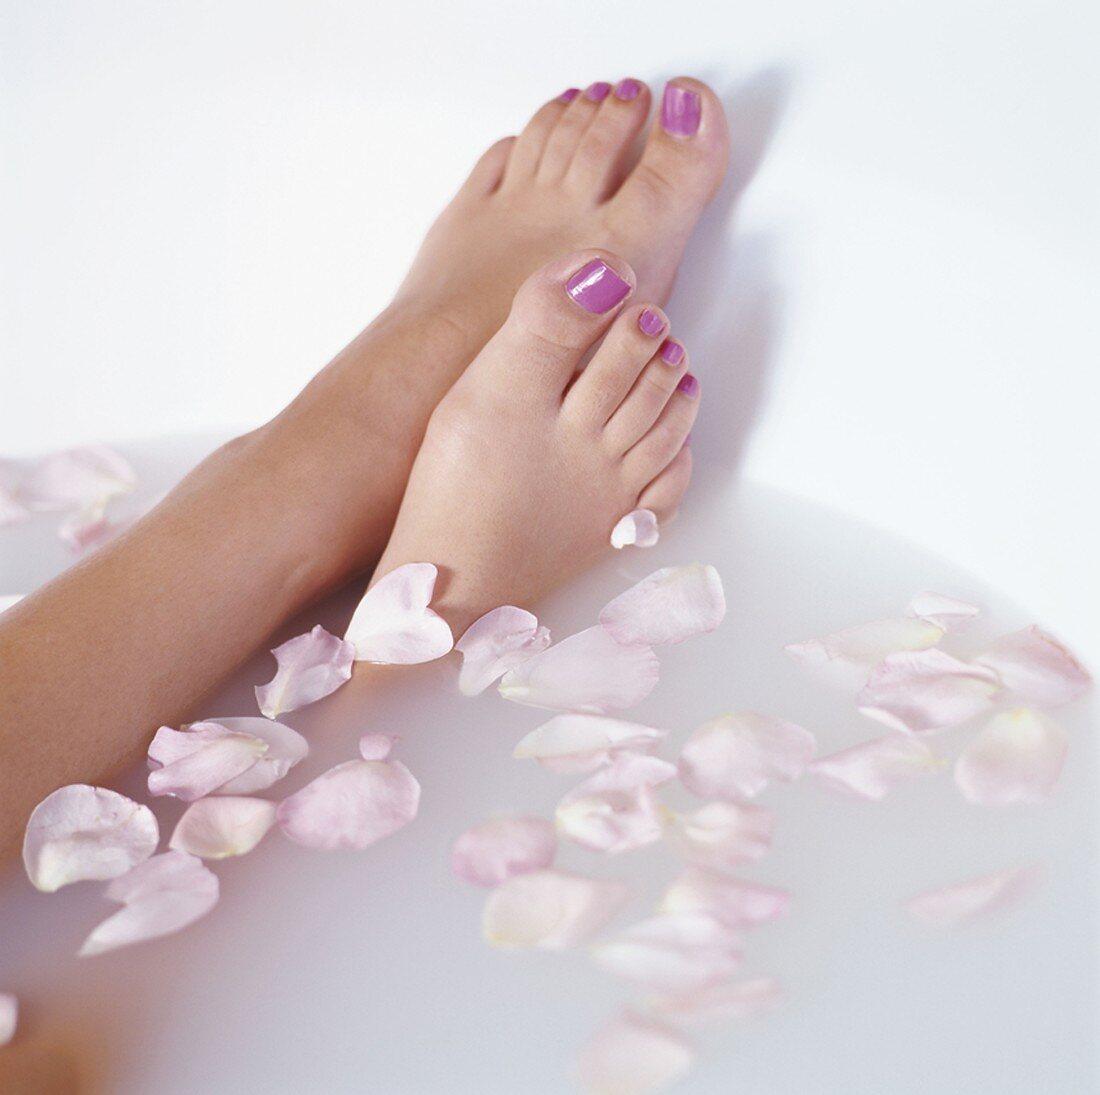 Füsse einer Frau in der Badewanne mit … - Bild kaufen